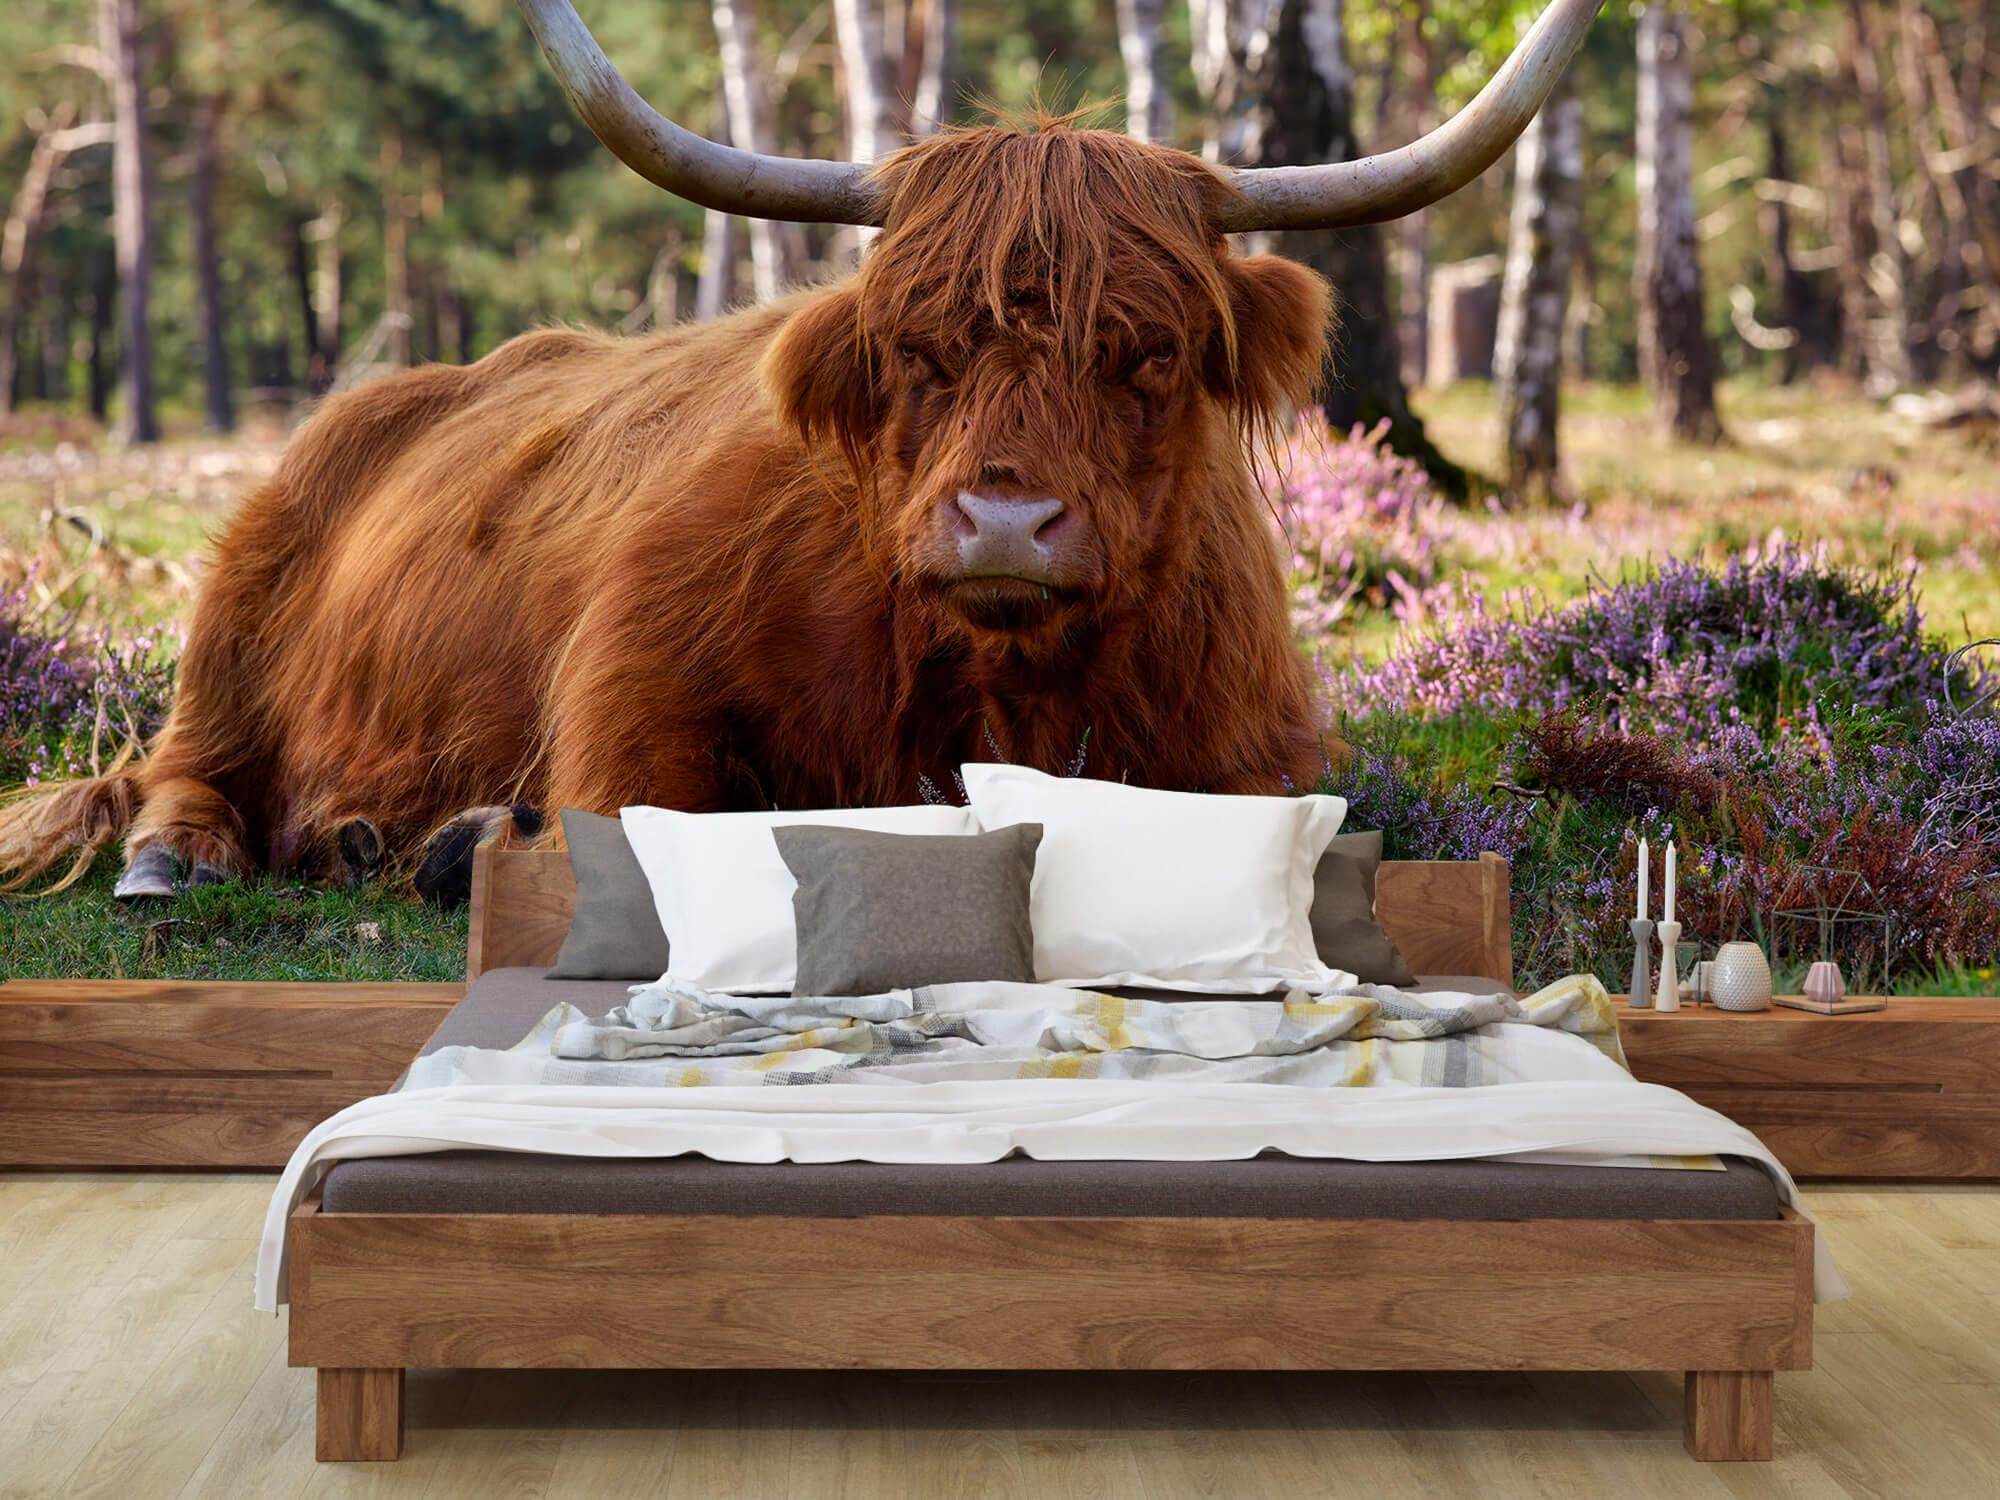 Hooglanders - Liggende Schotse hooglander 7